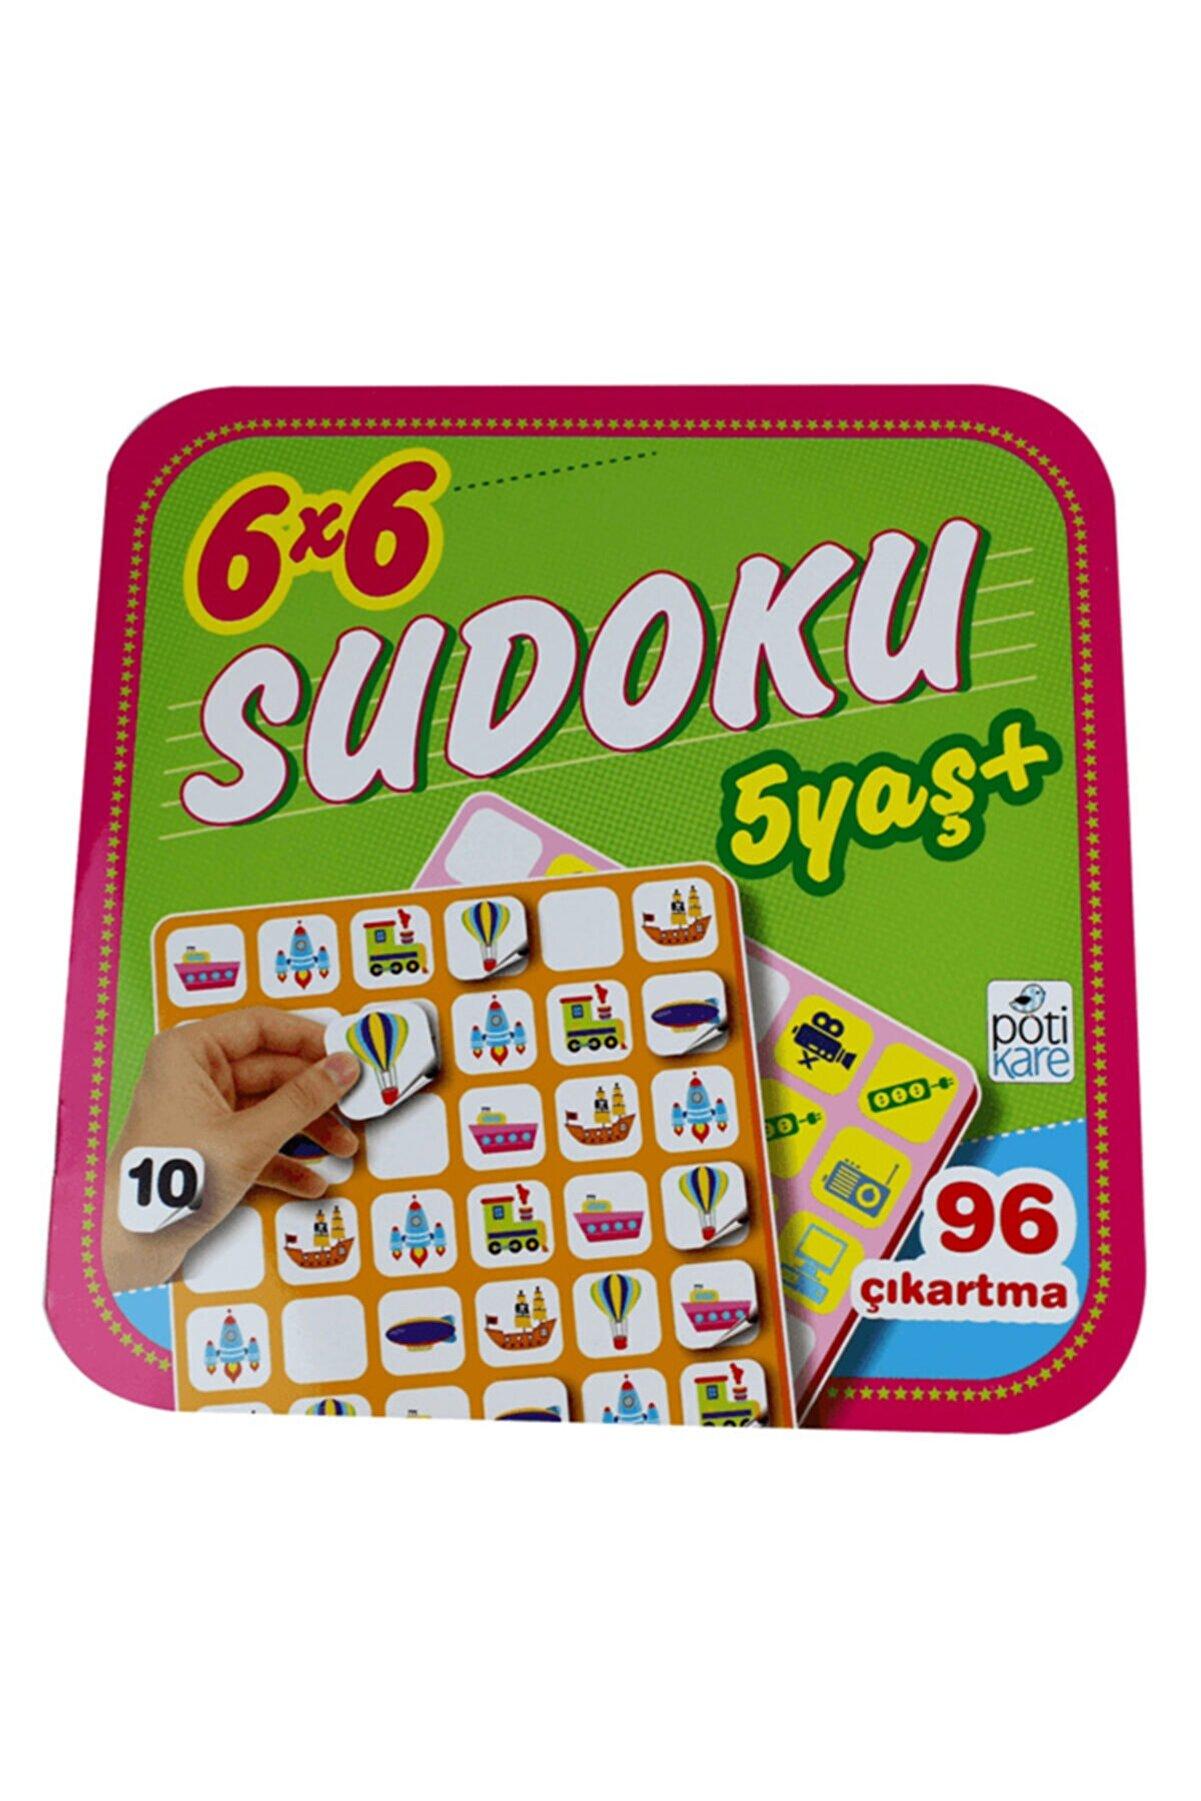 Pötikare Yayıncılık 6x6 Sudoku 10 5+ Yaş